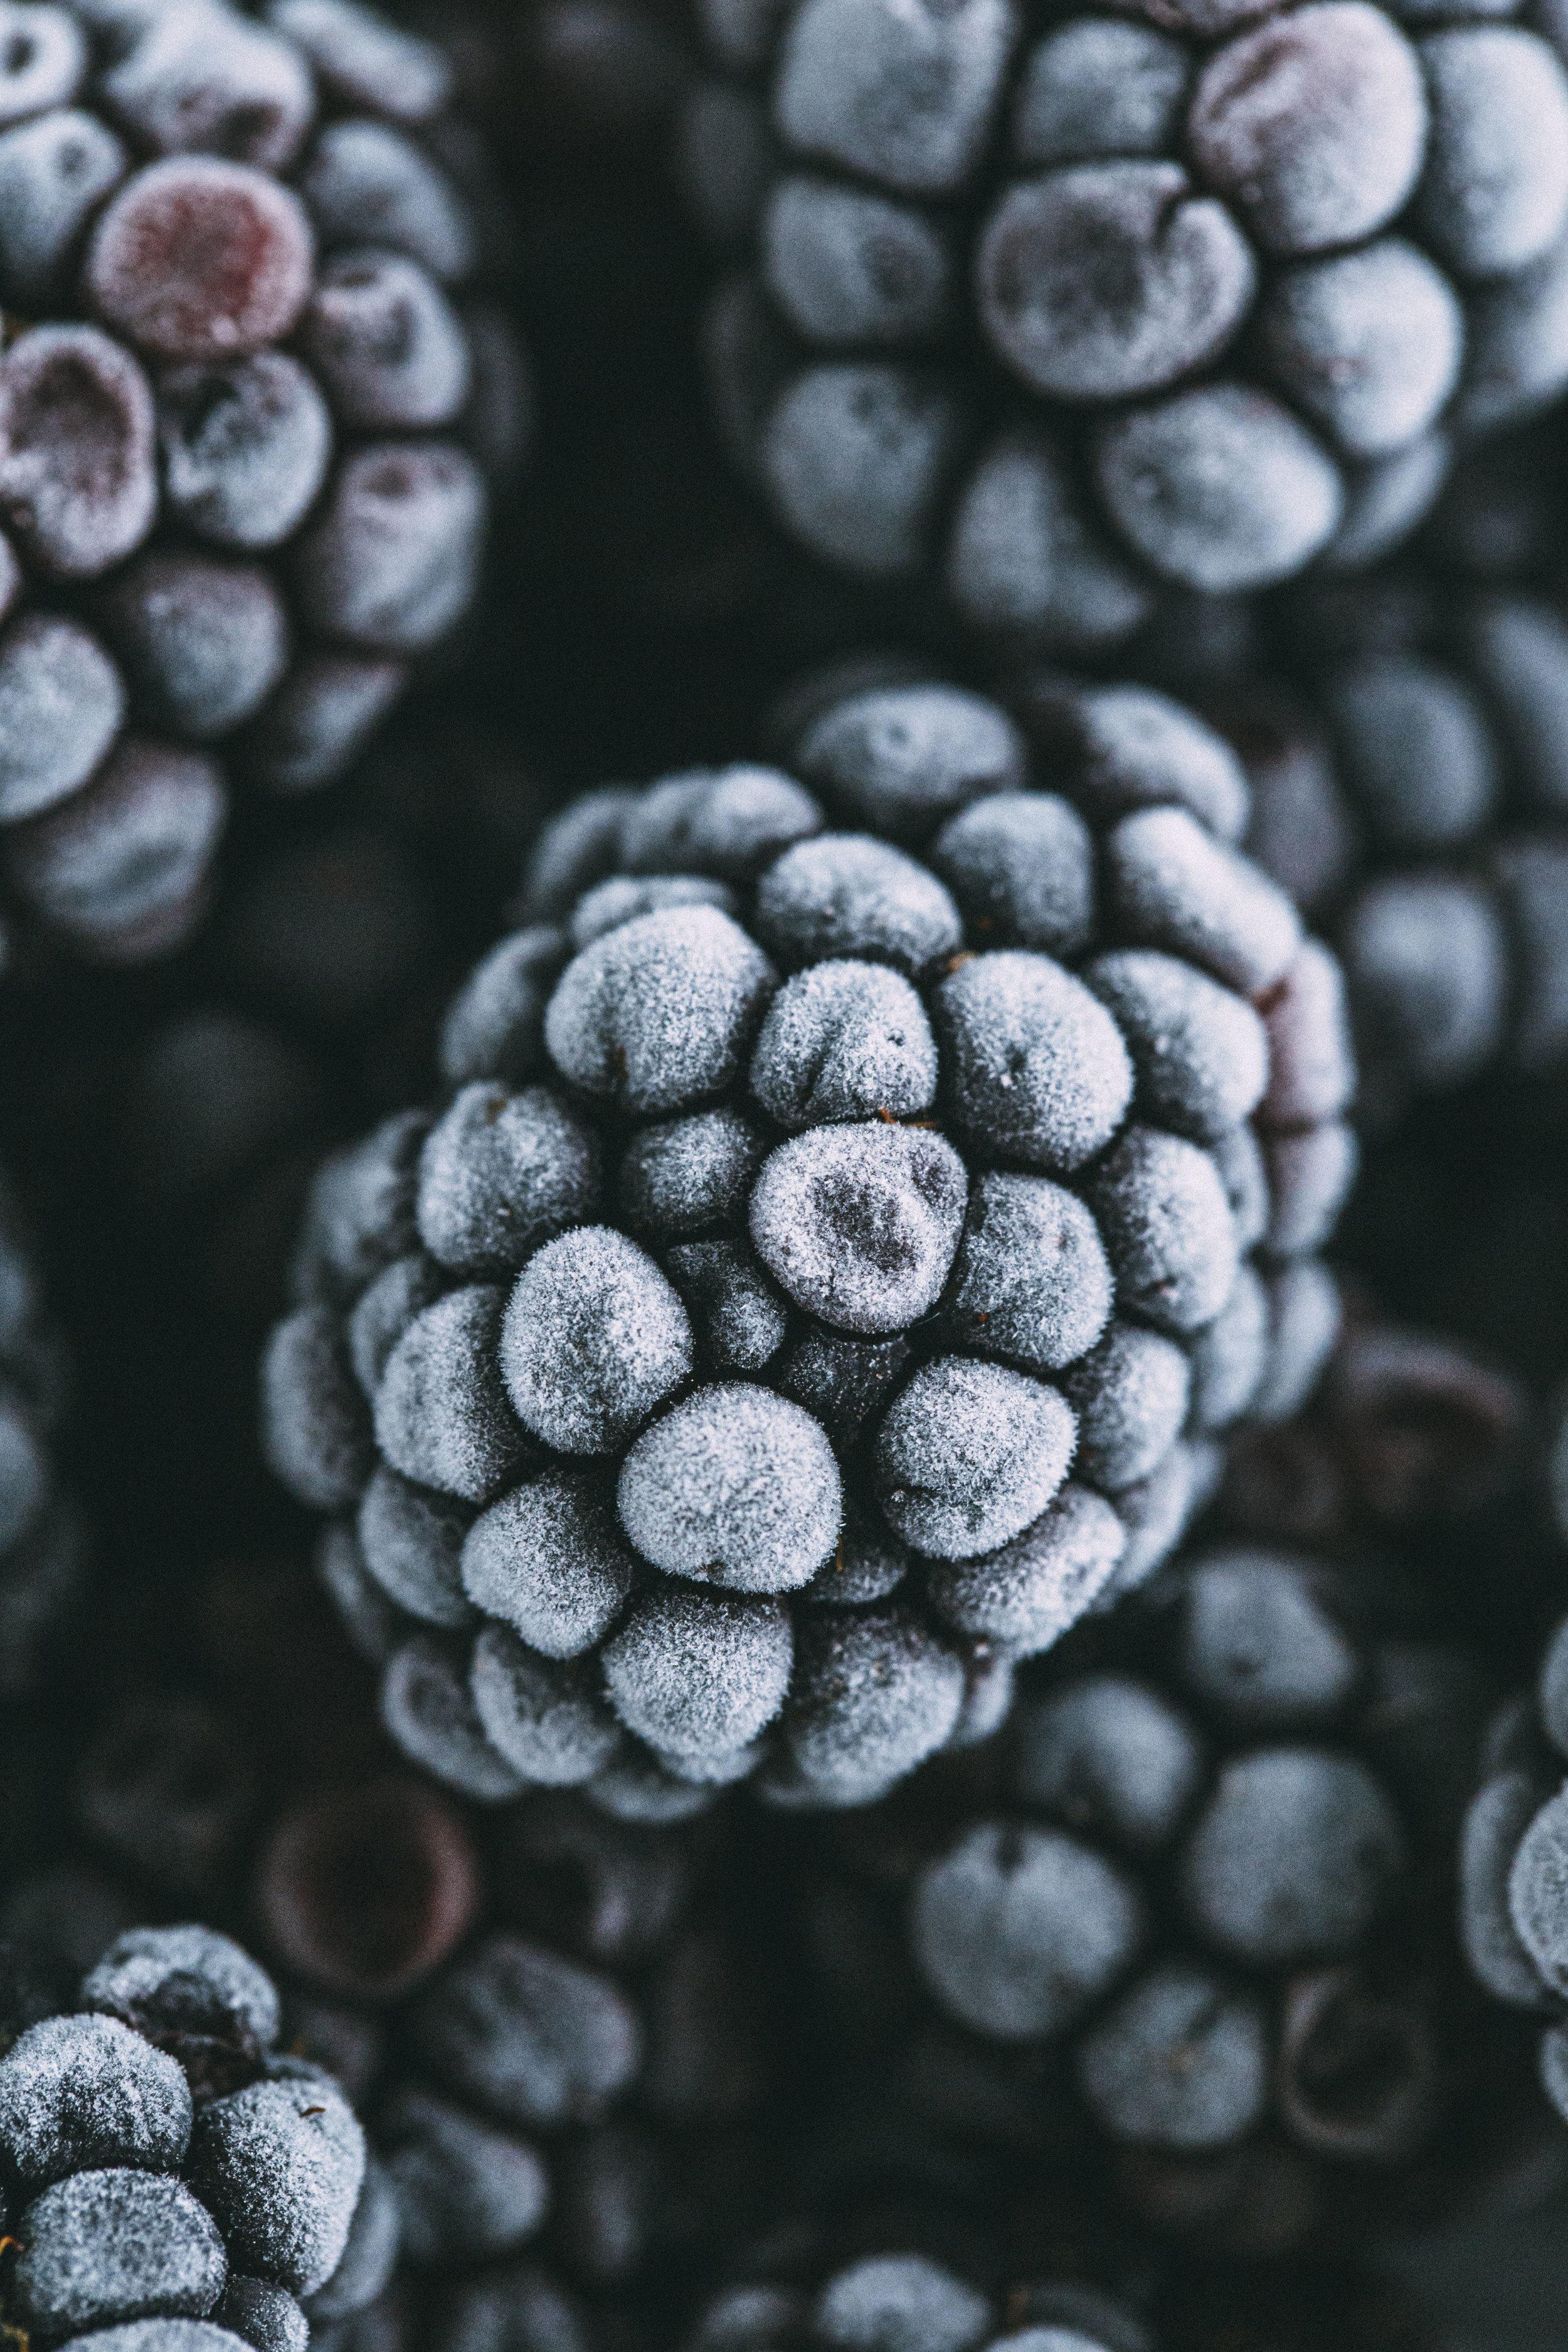 blackberries1 copy.jpg